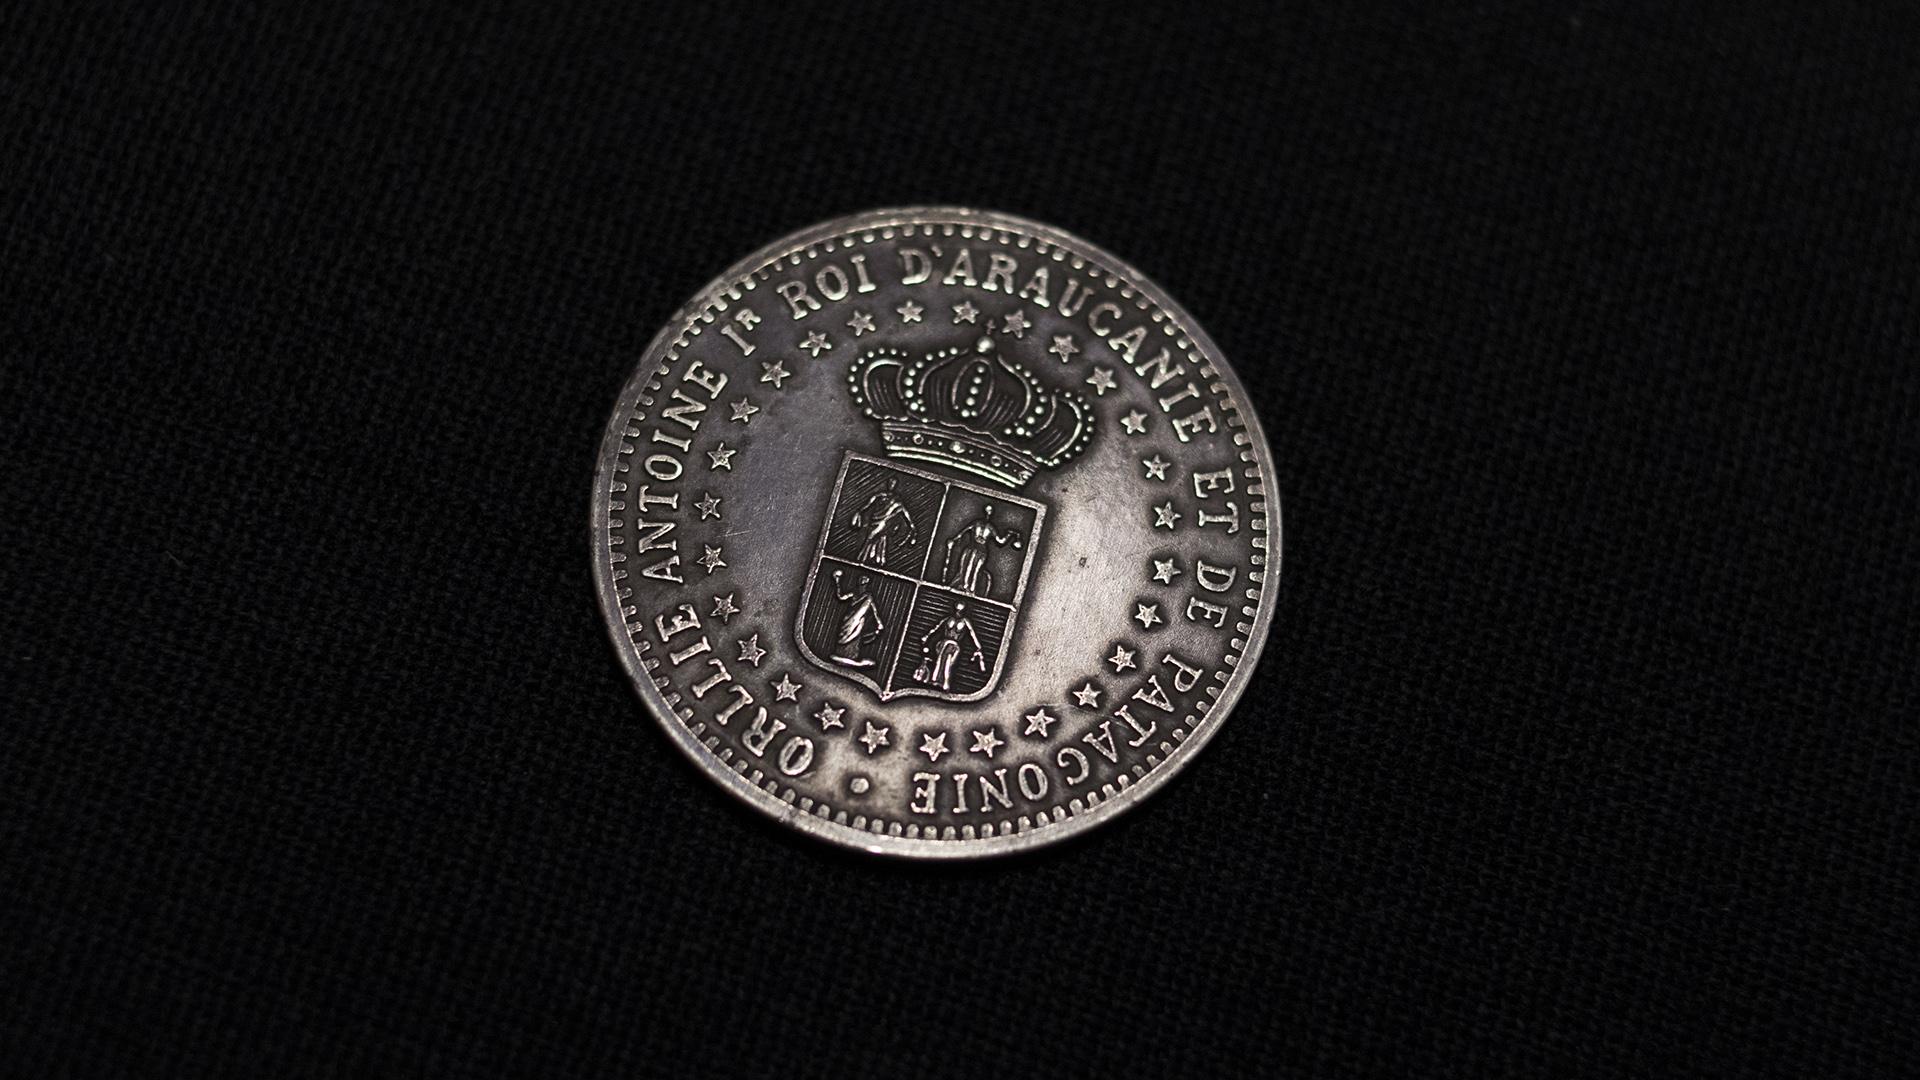 Moneda de pretensión, de plata, cuya acuñación fue ordenada por el aventurero francés Oréllie Antoine de Tounens, quien se había autoproclamado Rey de la Araucanía y Patagonia en 1874. (Adrián Escandar)